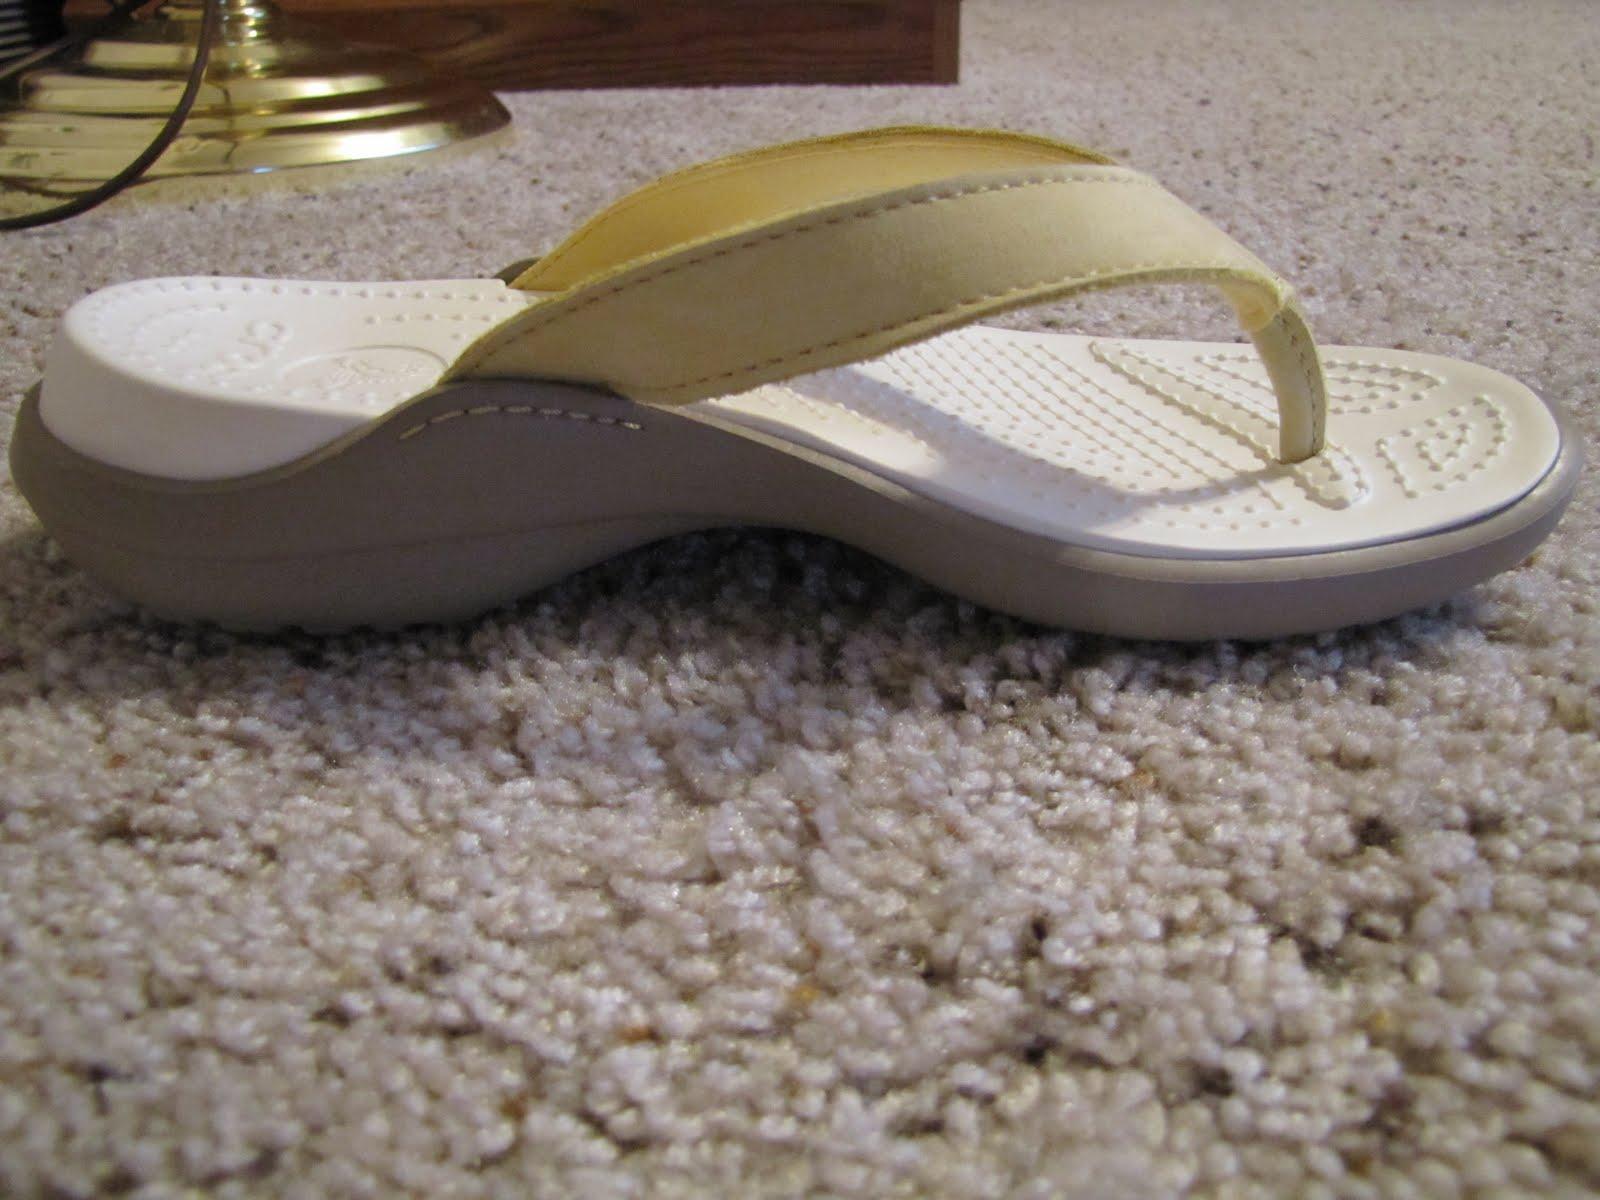 4cfceb2cb101 Celebrating Mom  Crocs Capri IV Flip Flops Review